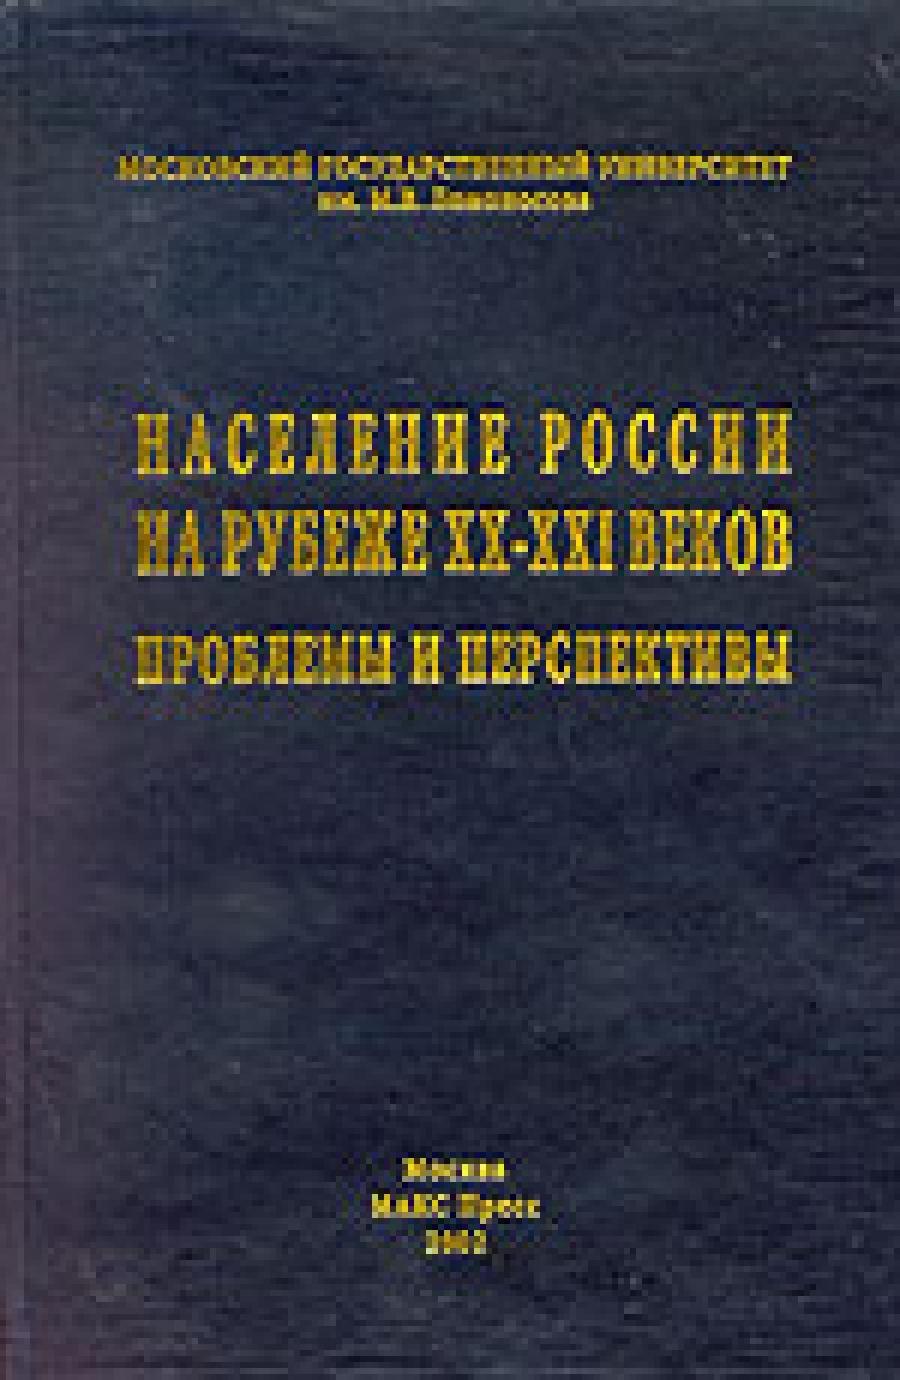 Обложка книги:  в.а. ионцев - население россии на рубеже xx-xxi веков. проблемы и перспективы